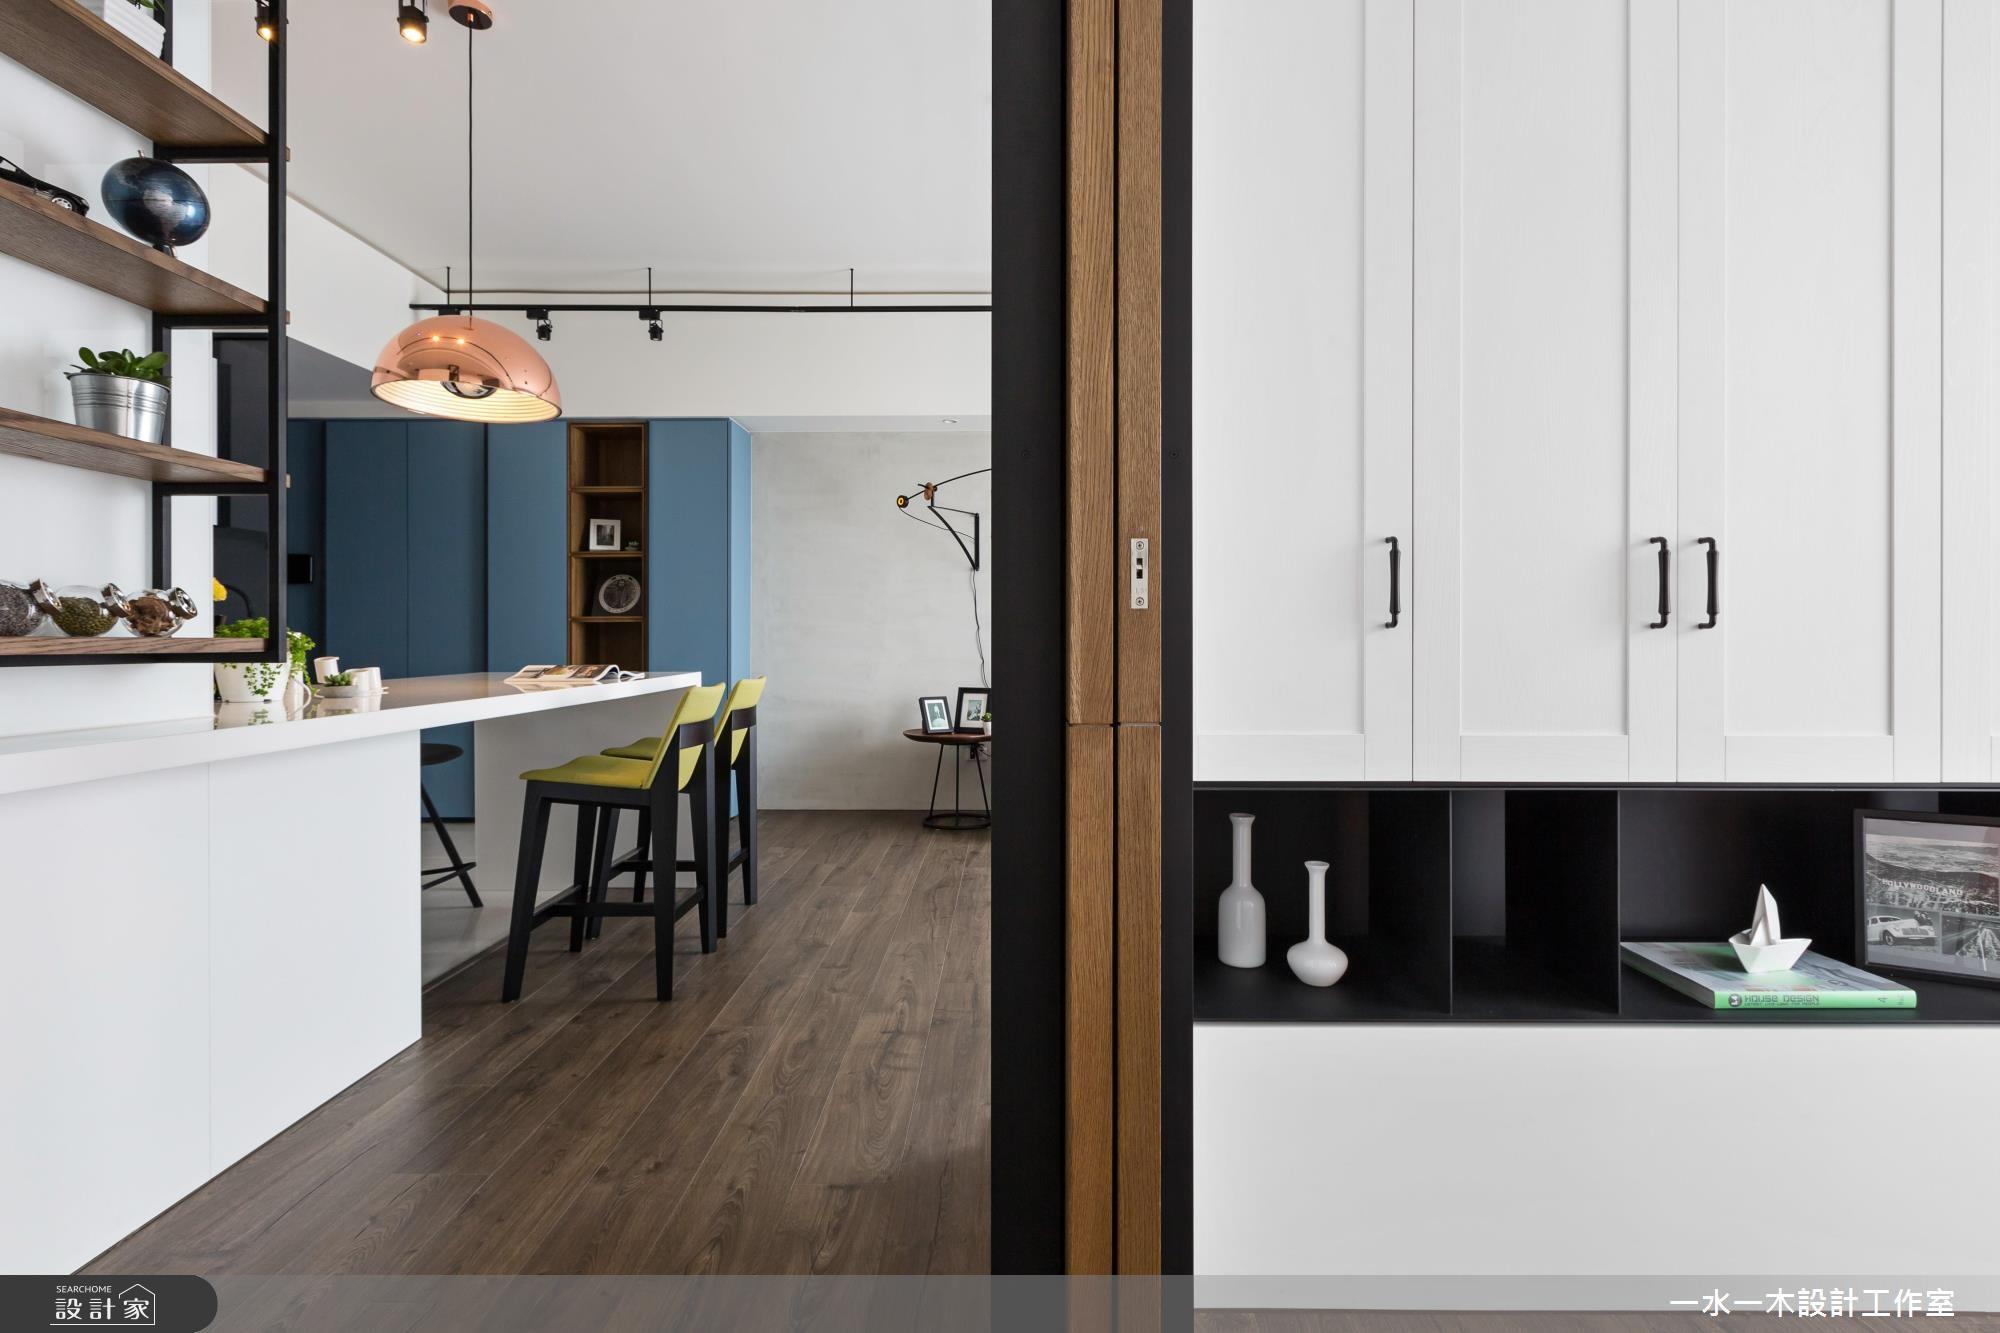 23坪新成屋(5年以下)_工業風餐廳案例圖片_一水一木設計工作室_一水一木_34之16